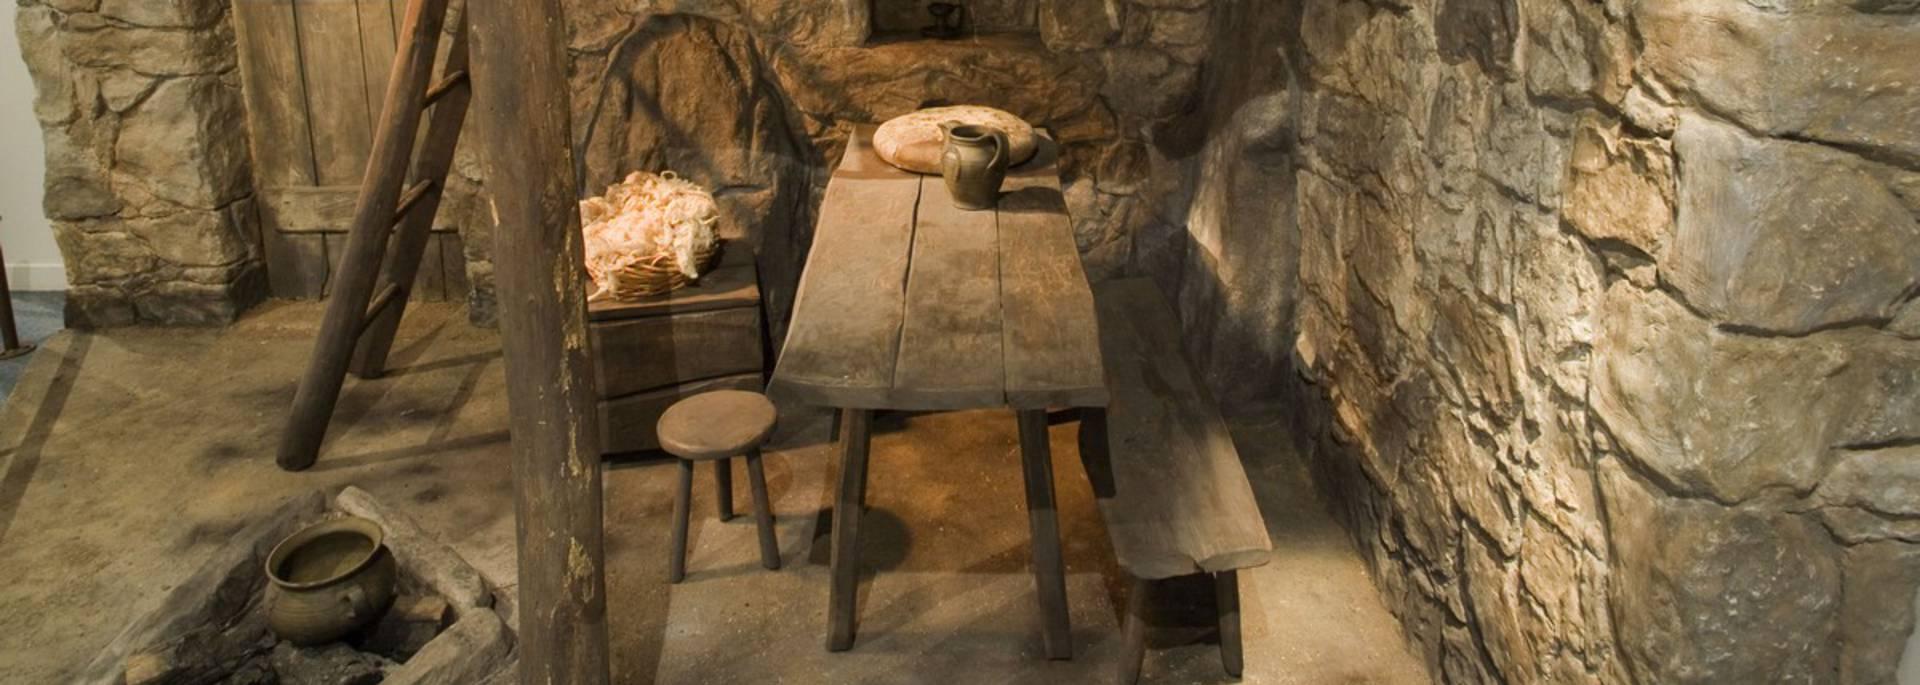 Reconstitution maison médiévale, musée du Catharisme